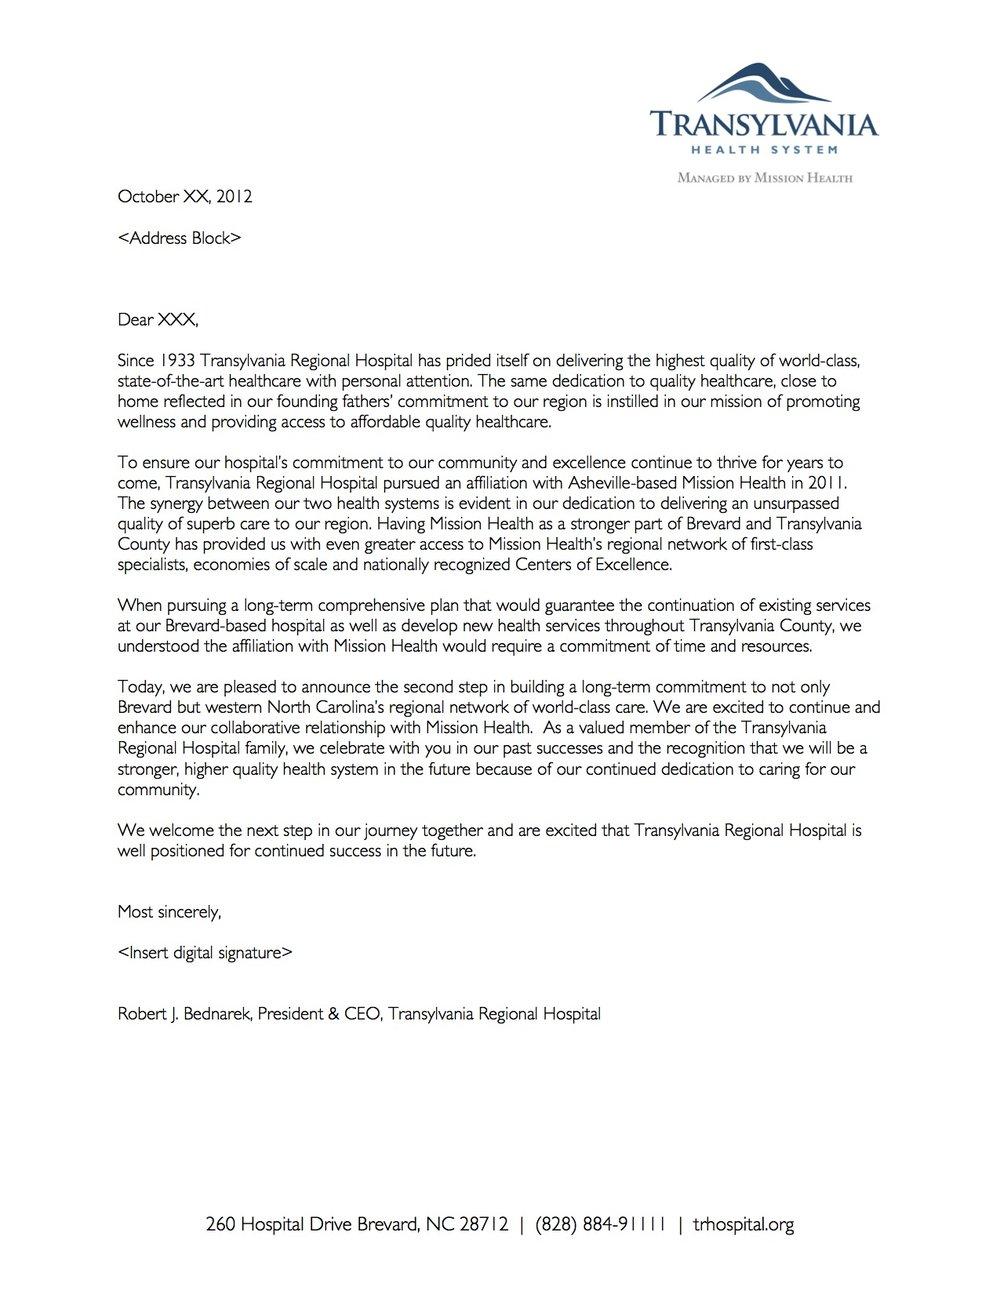 TRH_Affiliation_Letter.jpg